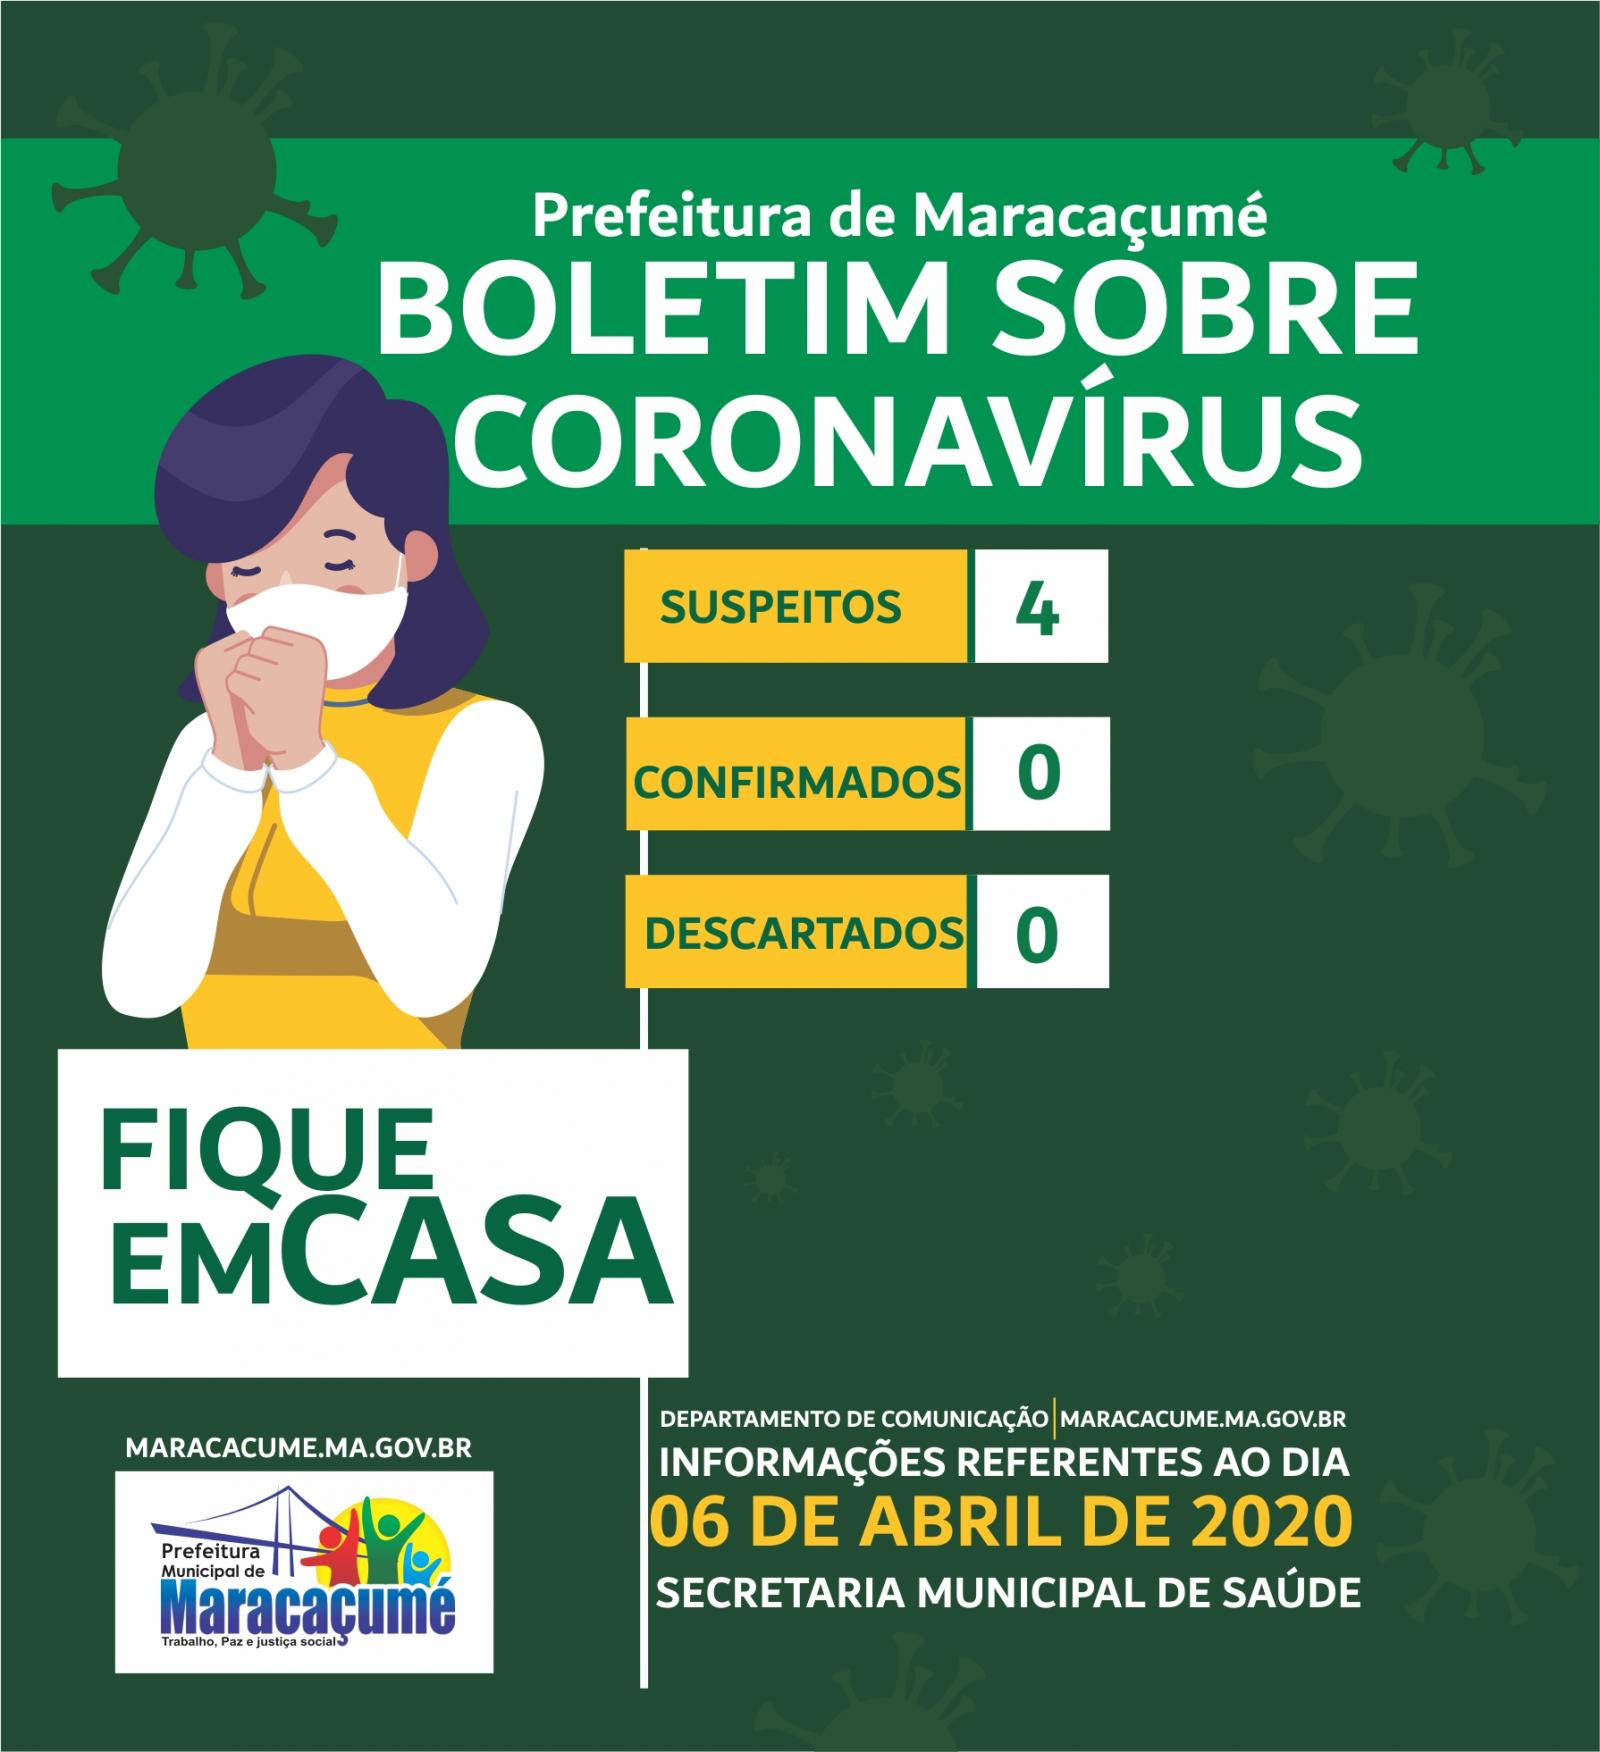 Sobe para 4 o número de casos suspeitos do novo Coronavírus em Maracaçumé